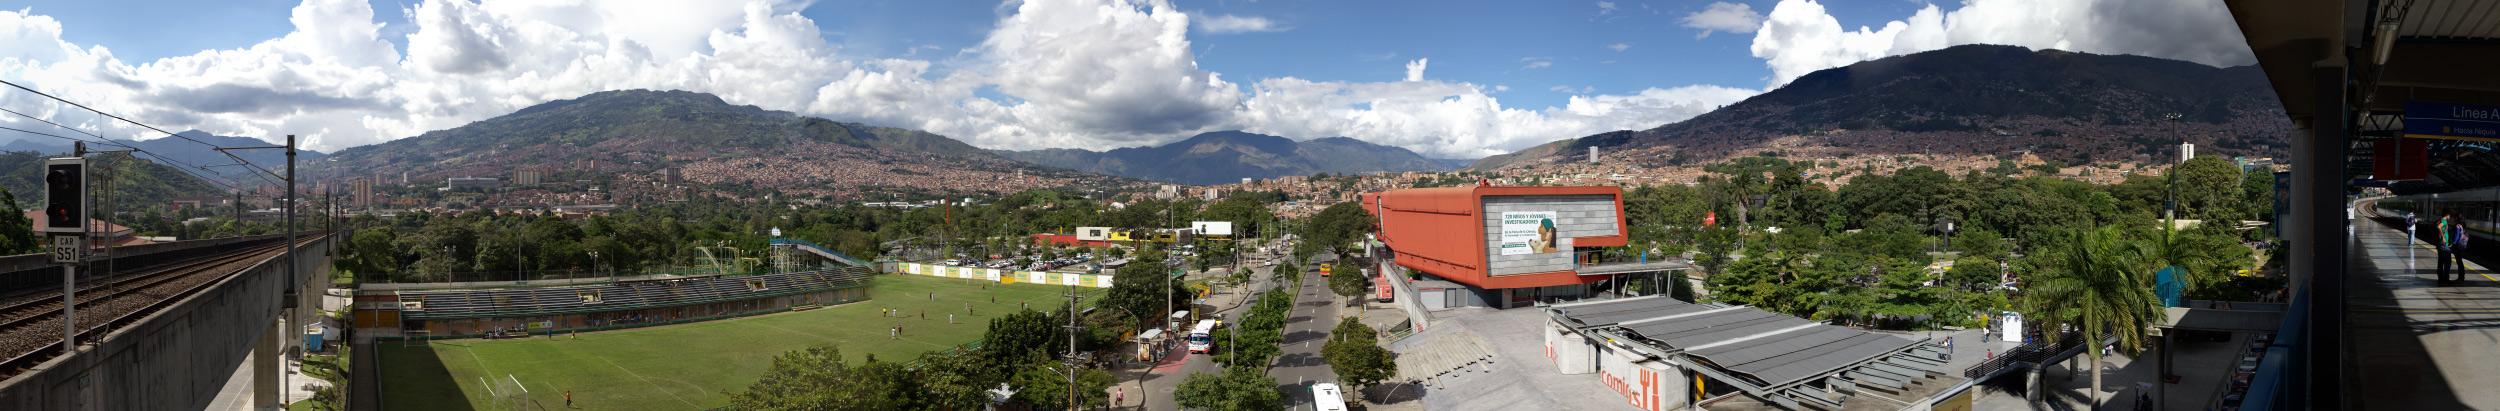 Medellin Norte - Estación Universidad